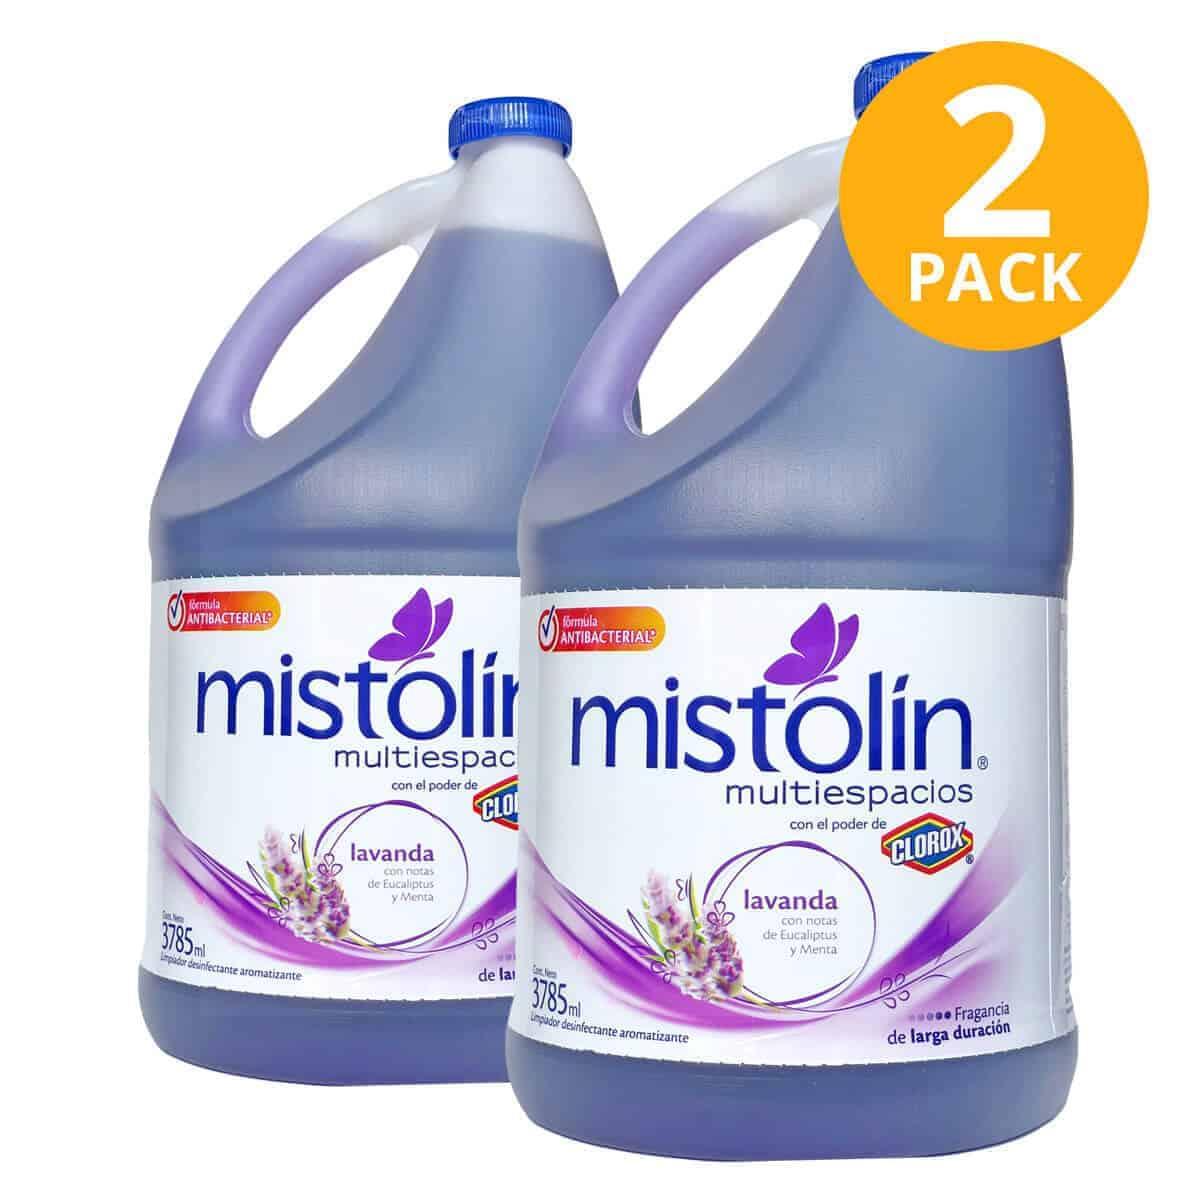 Mistolín Multiespacios Lavanda, Limpiador Desinfectante, 1 Galón (Pack de 2)